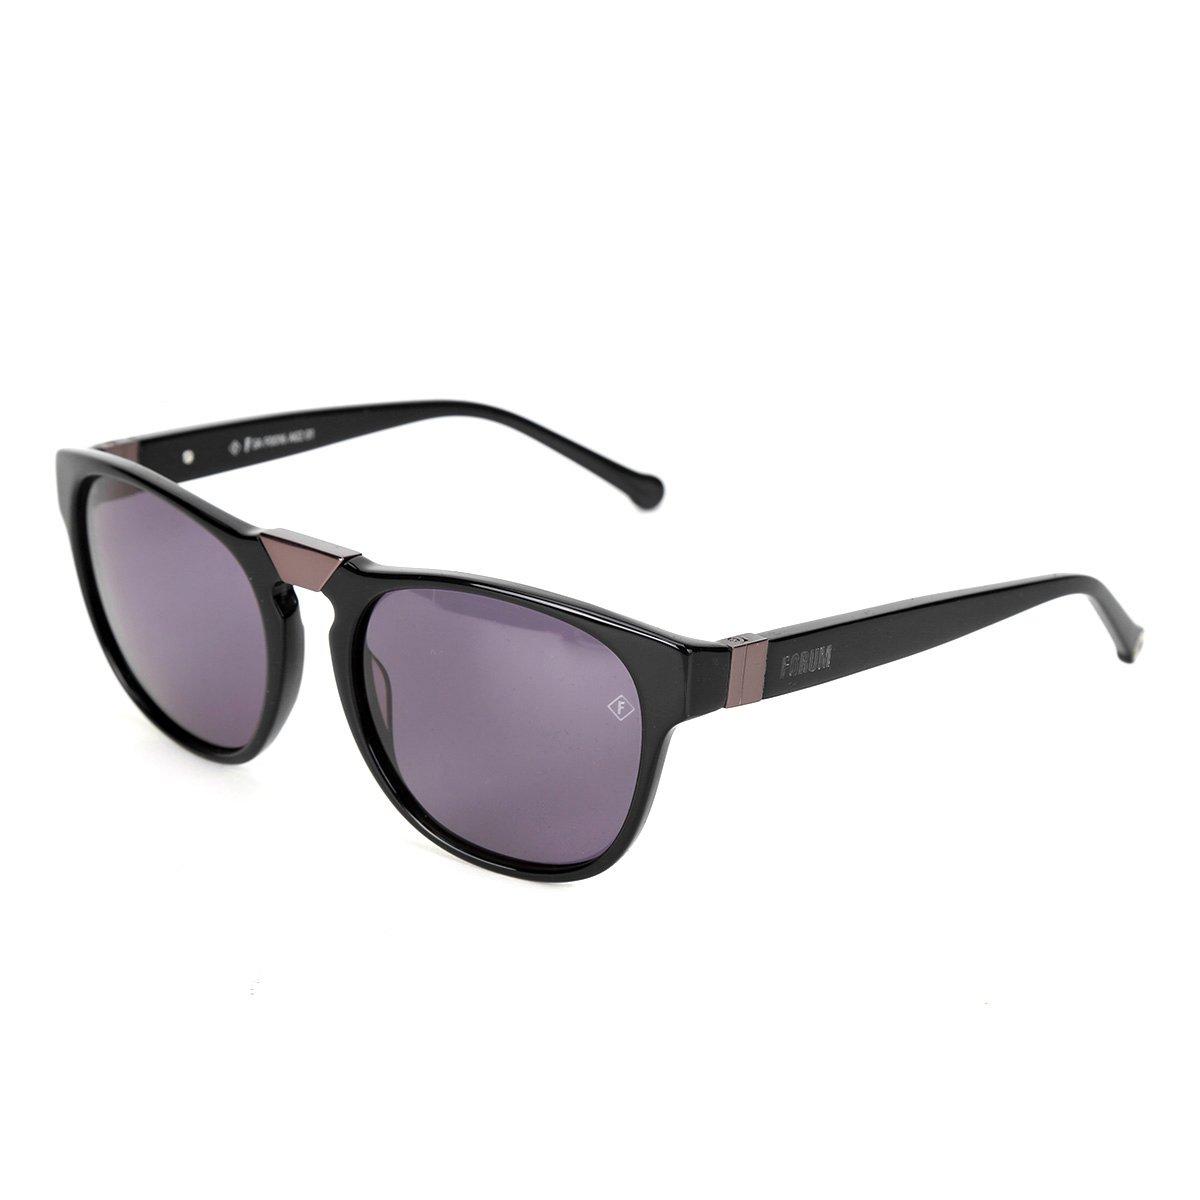 Óculos Moto Gp Pro Camaleão 82. De7.300 Pontos. Por 1.400 Pontos. Fornecedor Netshoes. Óculos de Sol Forum F0016A0201 Metalizado Feminino a21b2190be